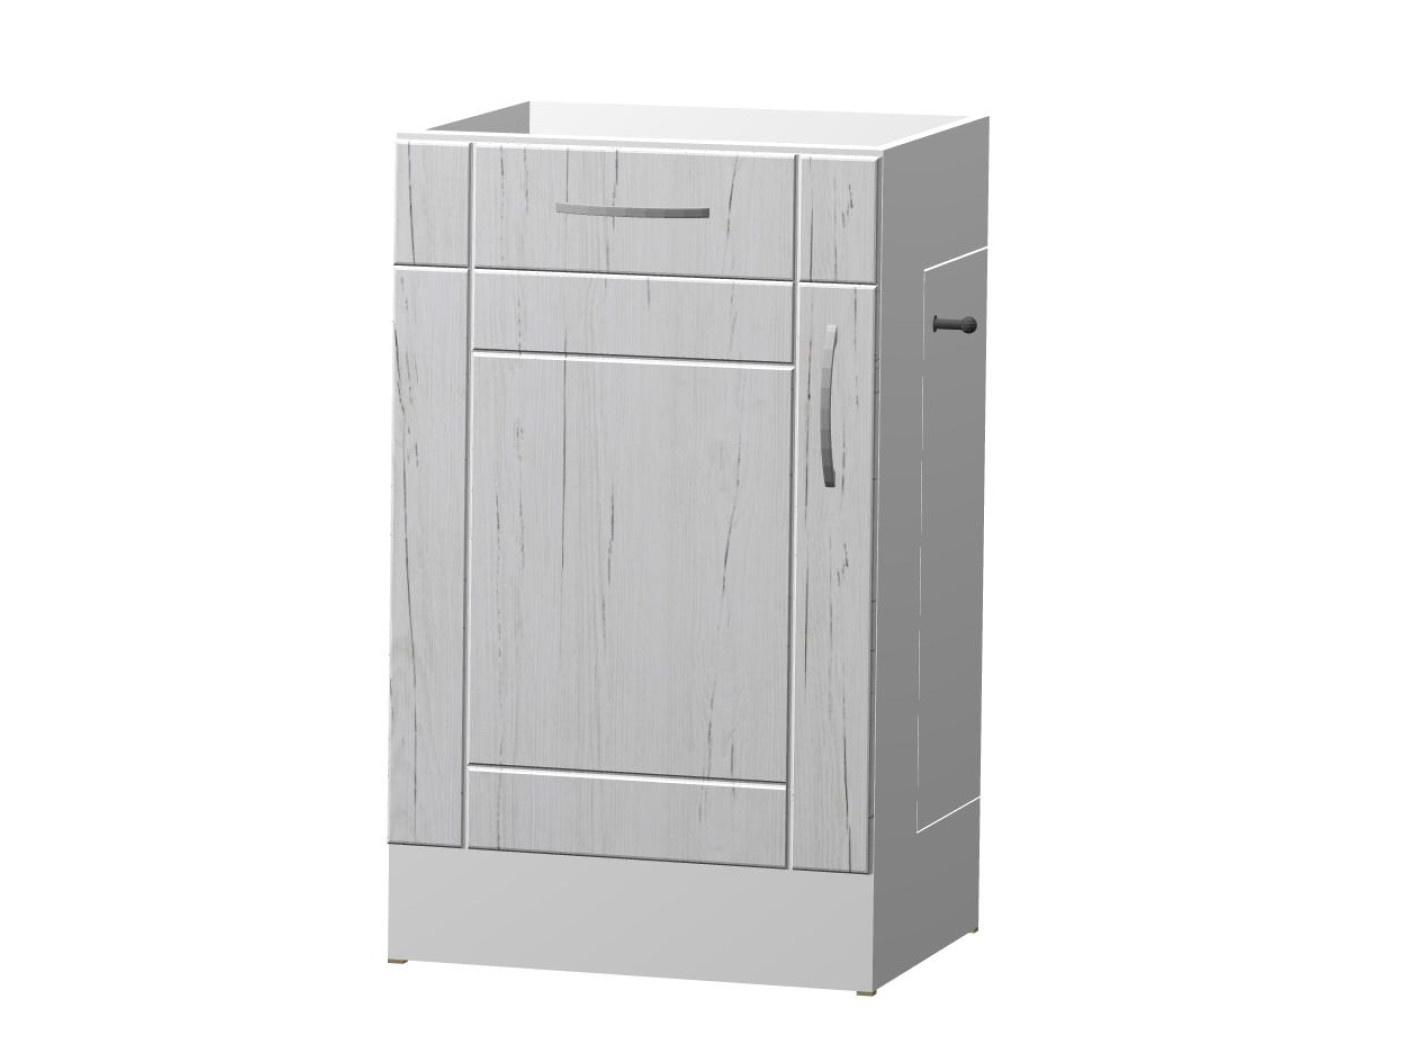 ADELA dolní skříňka S 50 KDZ s odpadkovým košem, korpus bílý/dvířka pino aurelio